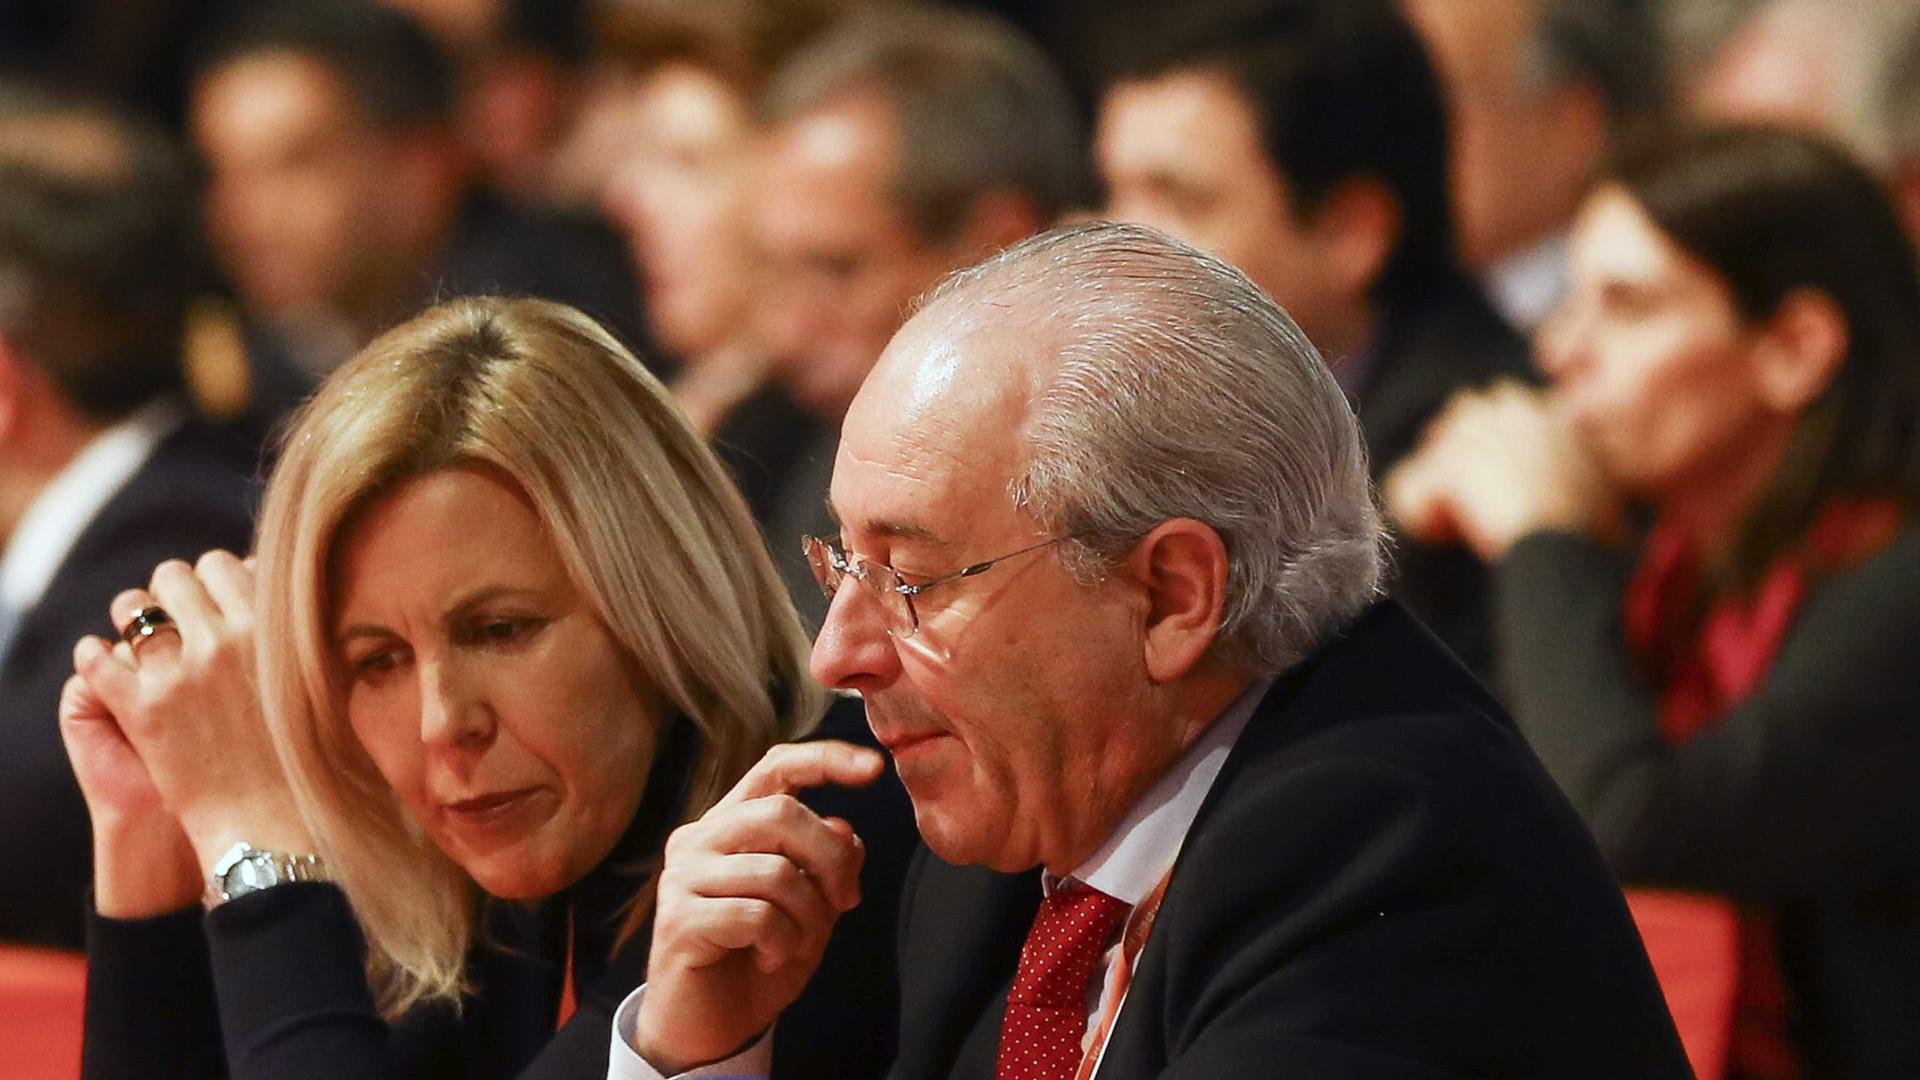 Justino relativiza acusação de traição de Rio na escolha de Elina Fraga